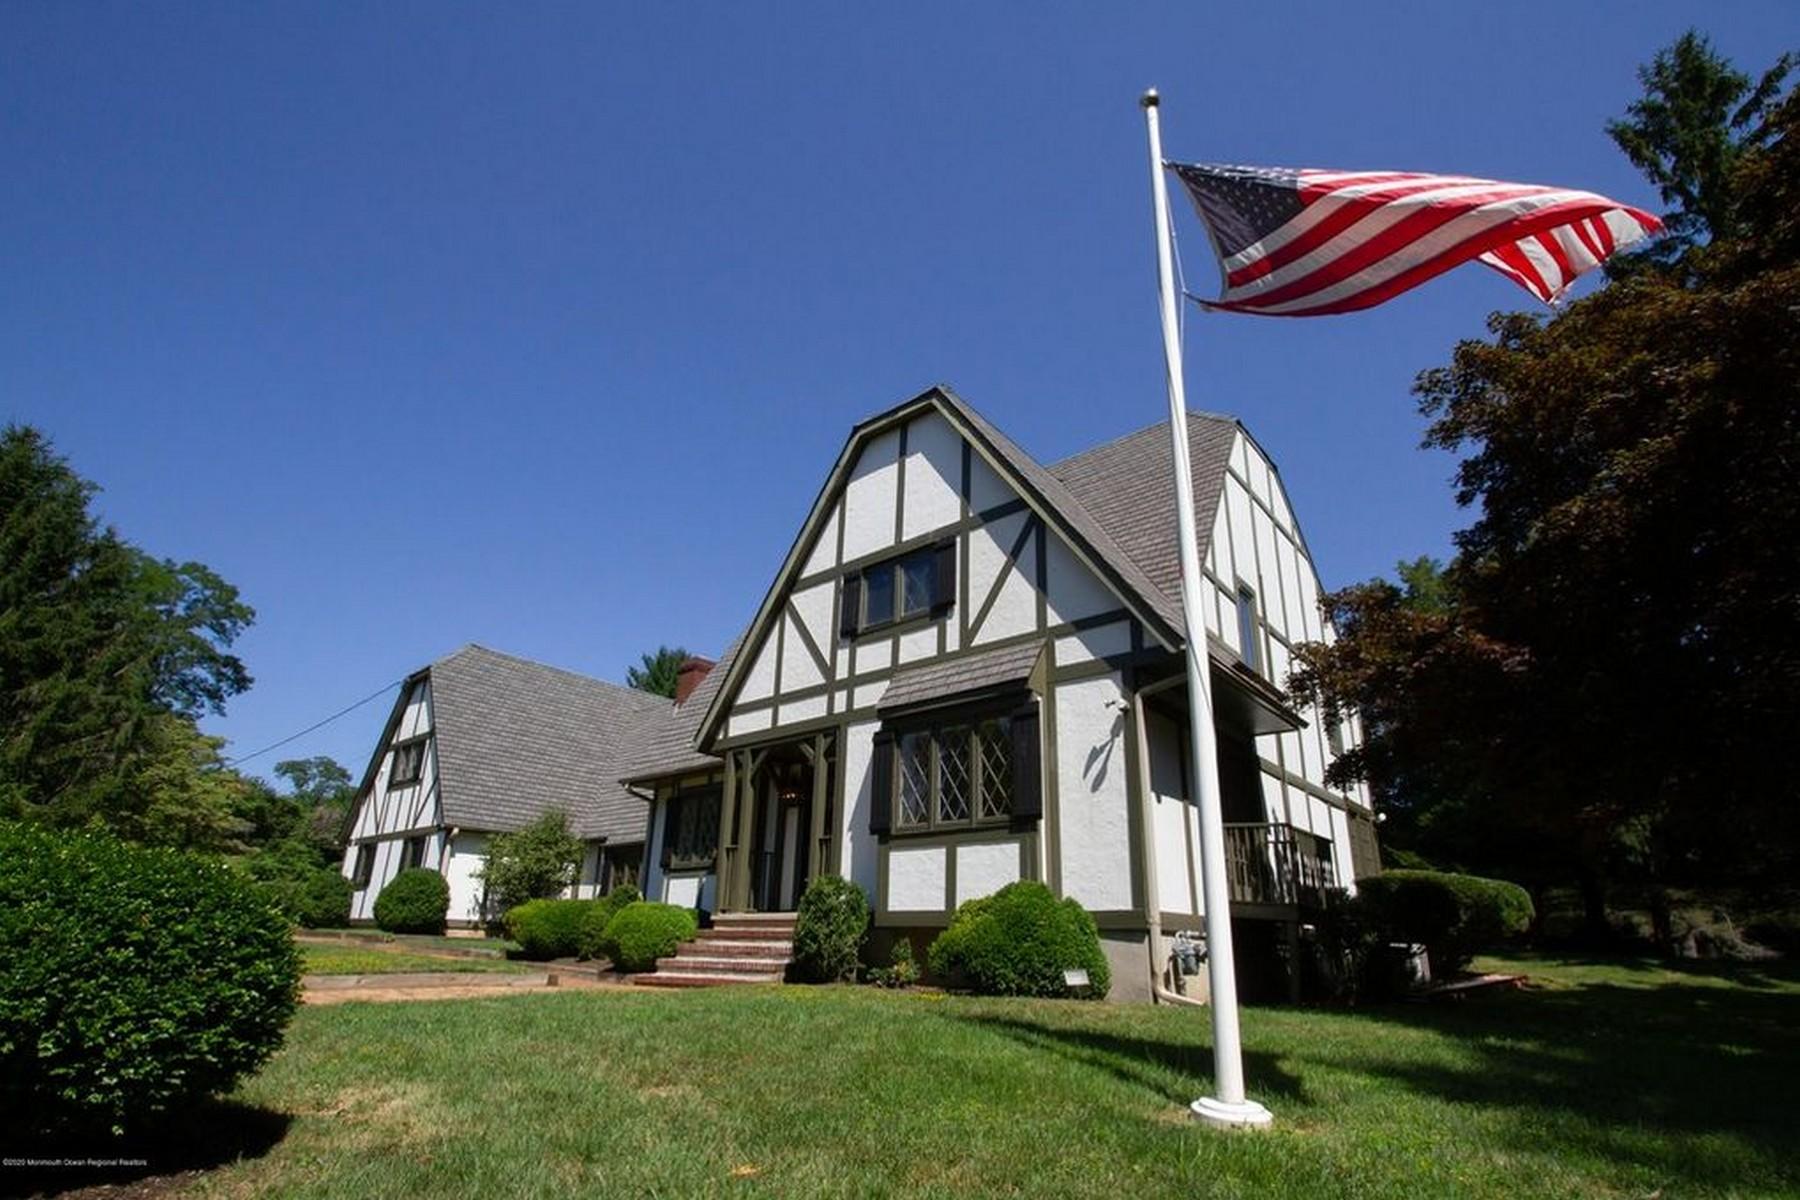 Single Family Homes por un Venta en Premier location, high and dry in Rumson 43 Buena Vista Ave Rumson, Nueva Jersey 07760 Estados Unidos